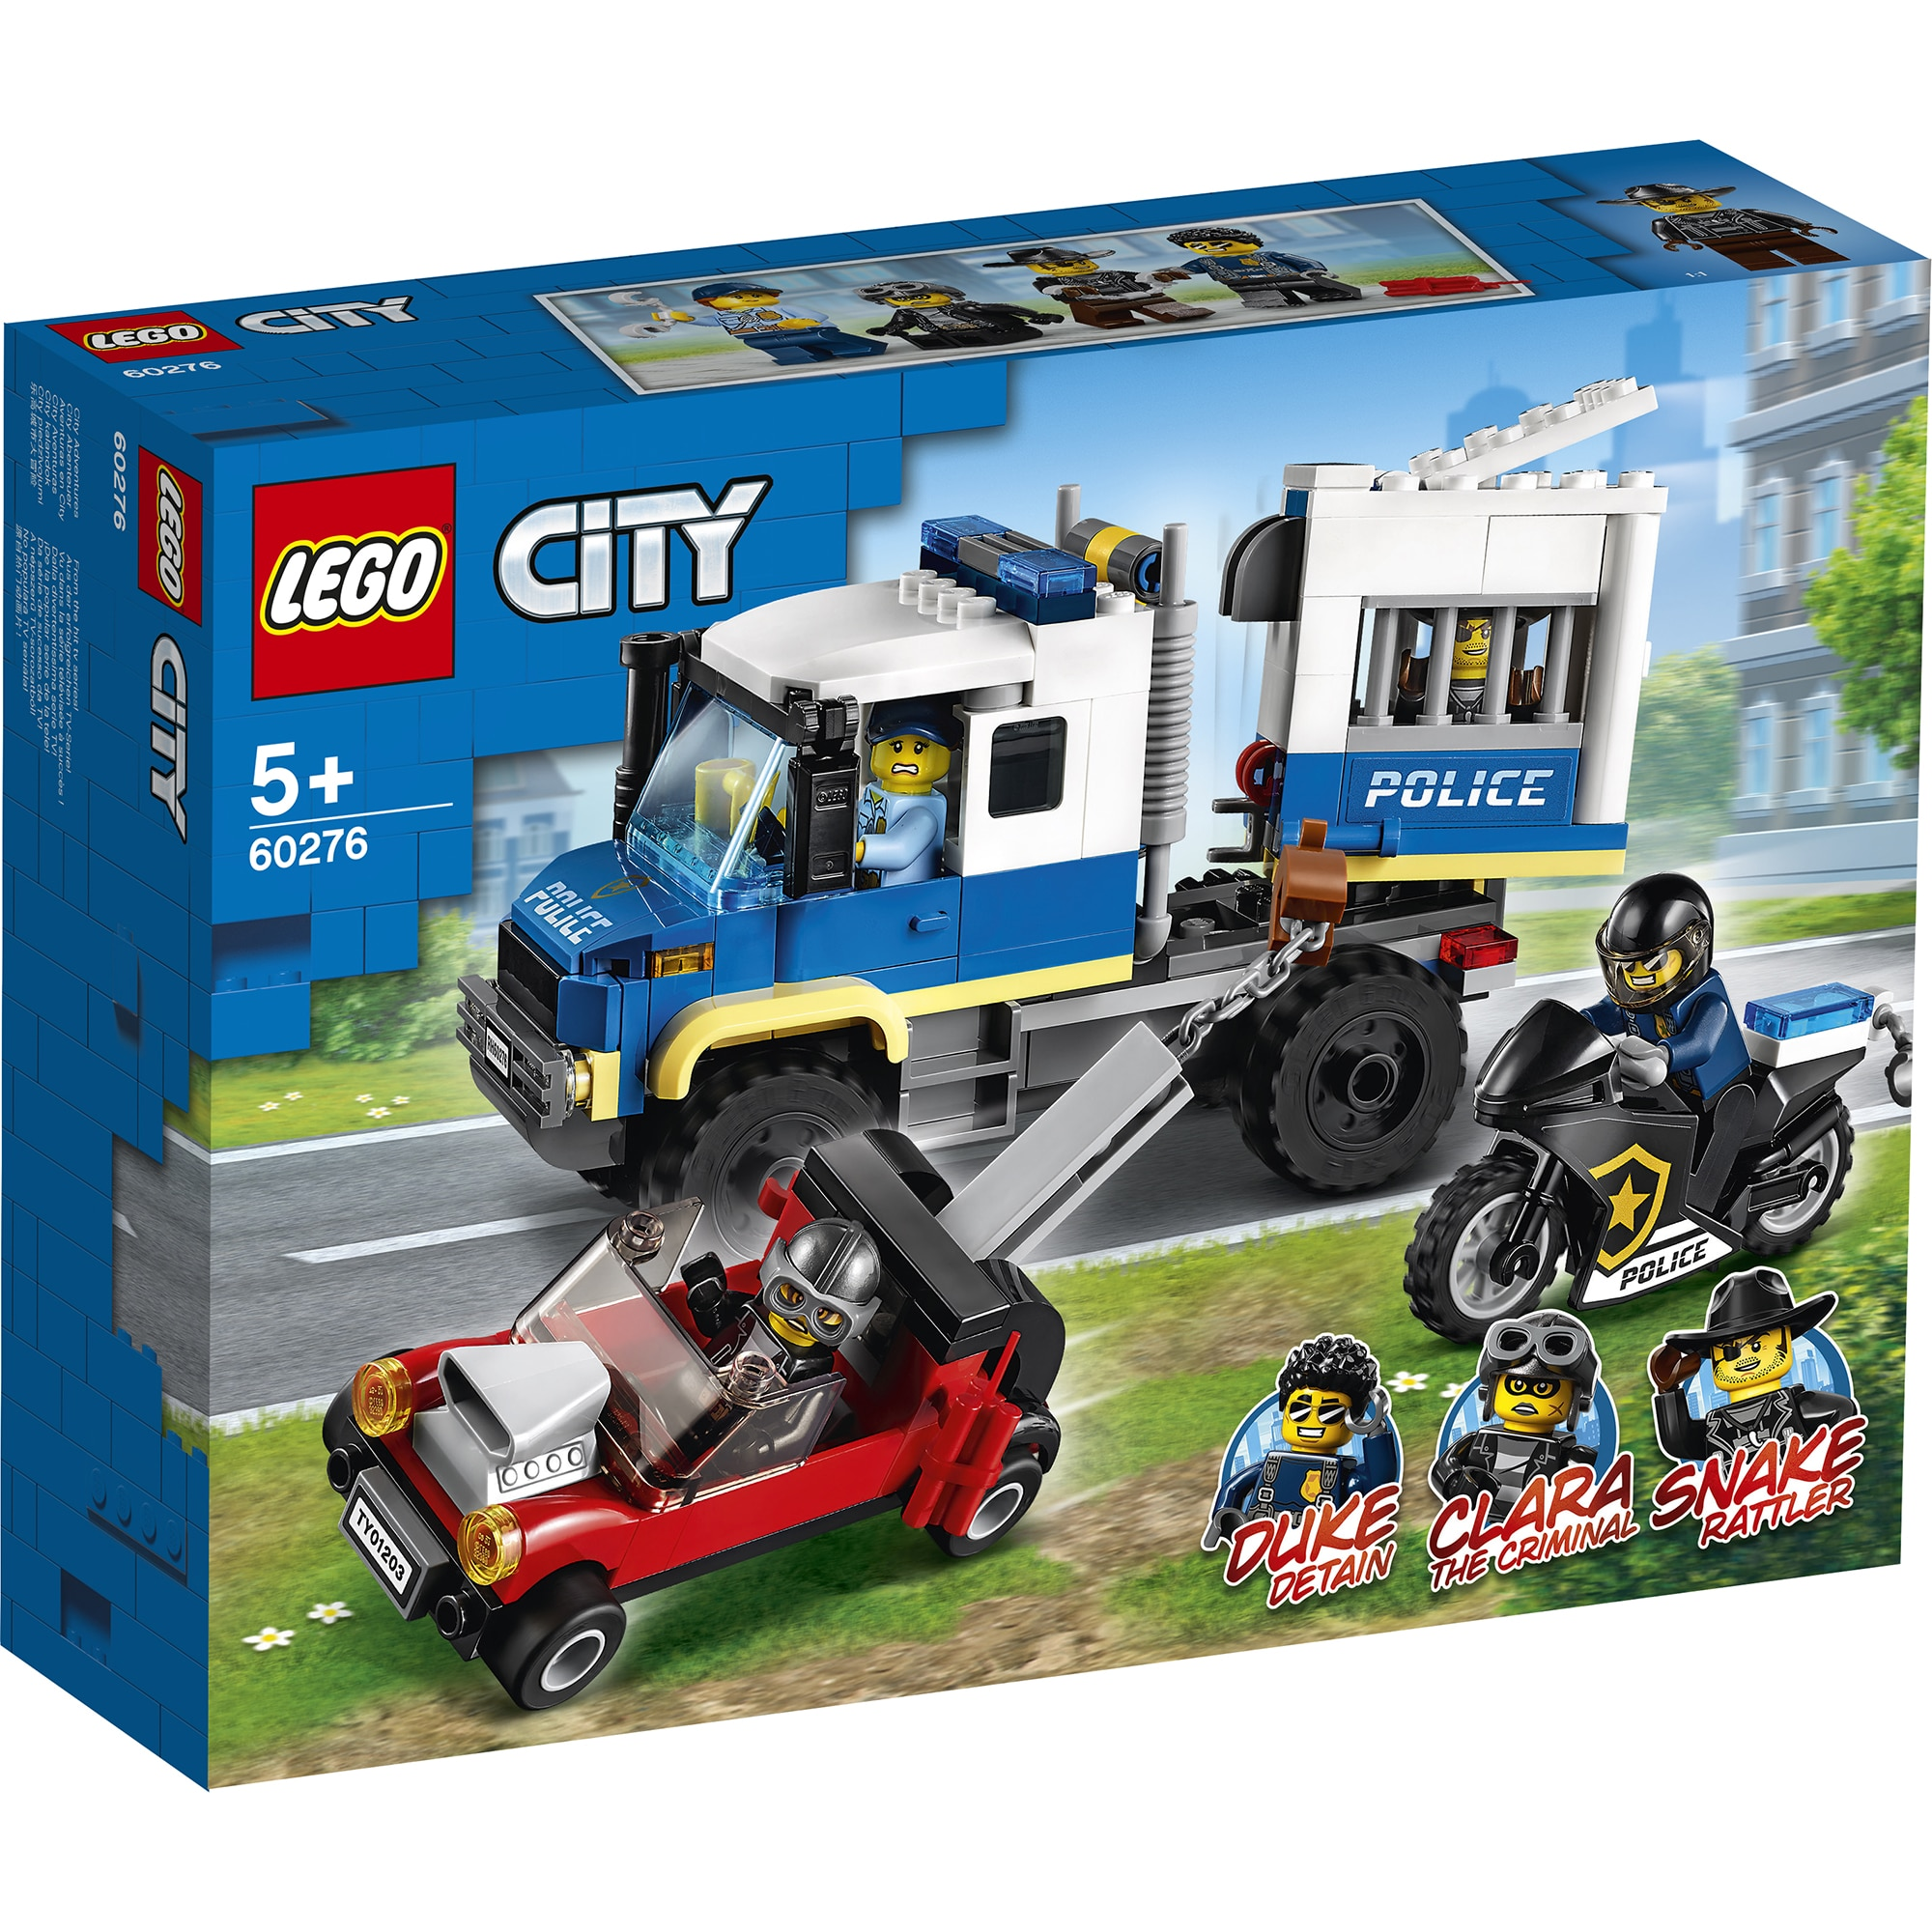 Fotografie LEGO City Police - Transportul prizonierilor politiei 60276, 244 piese